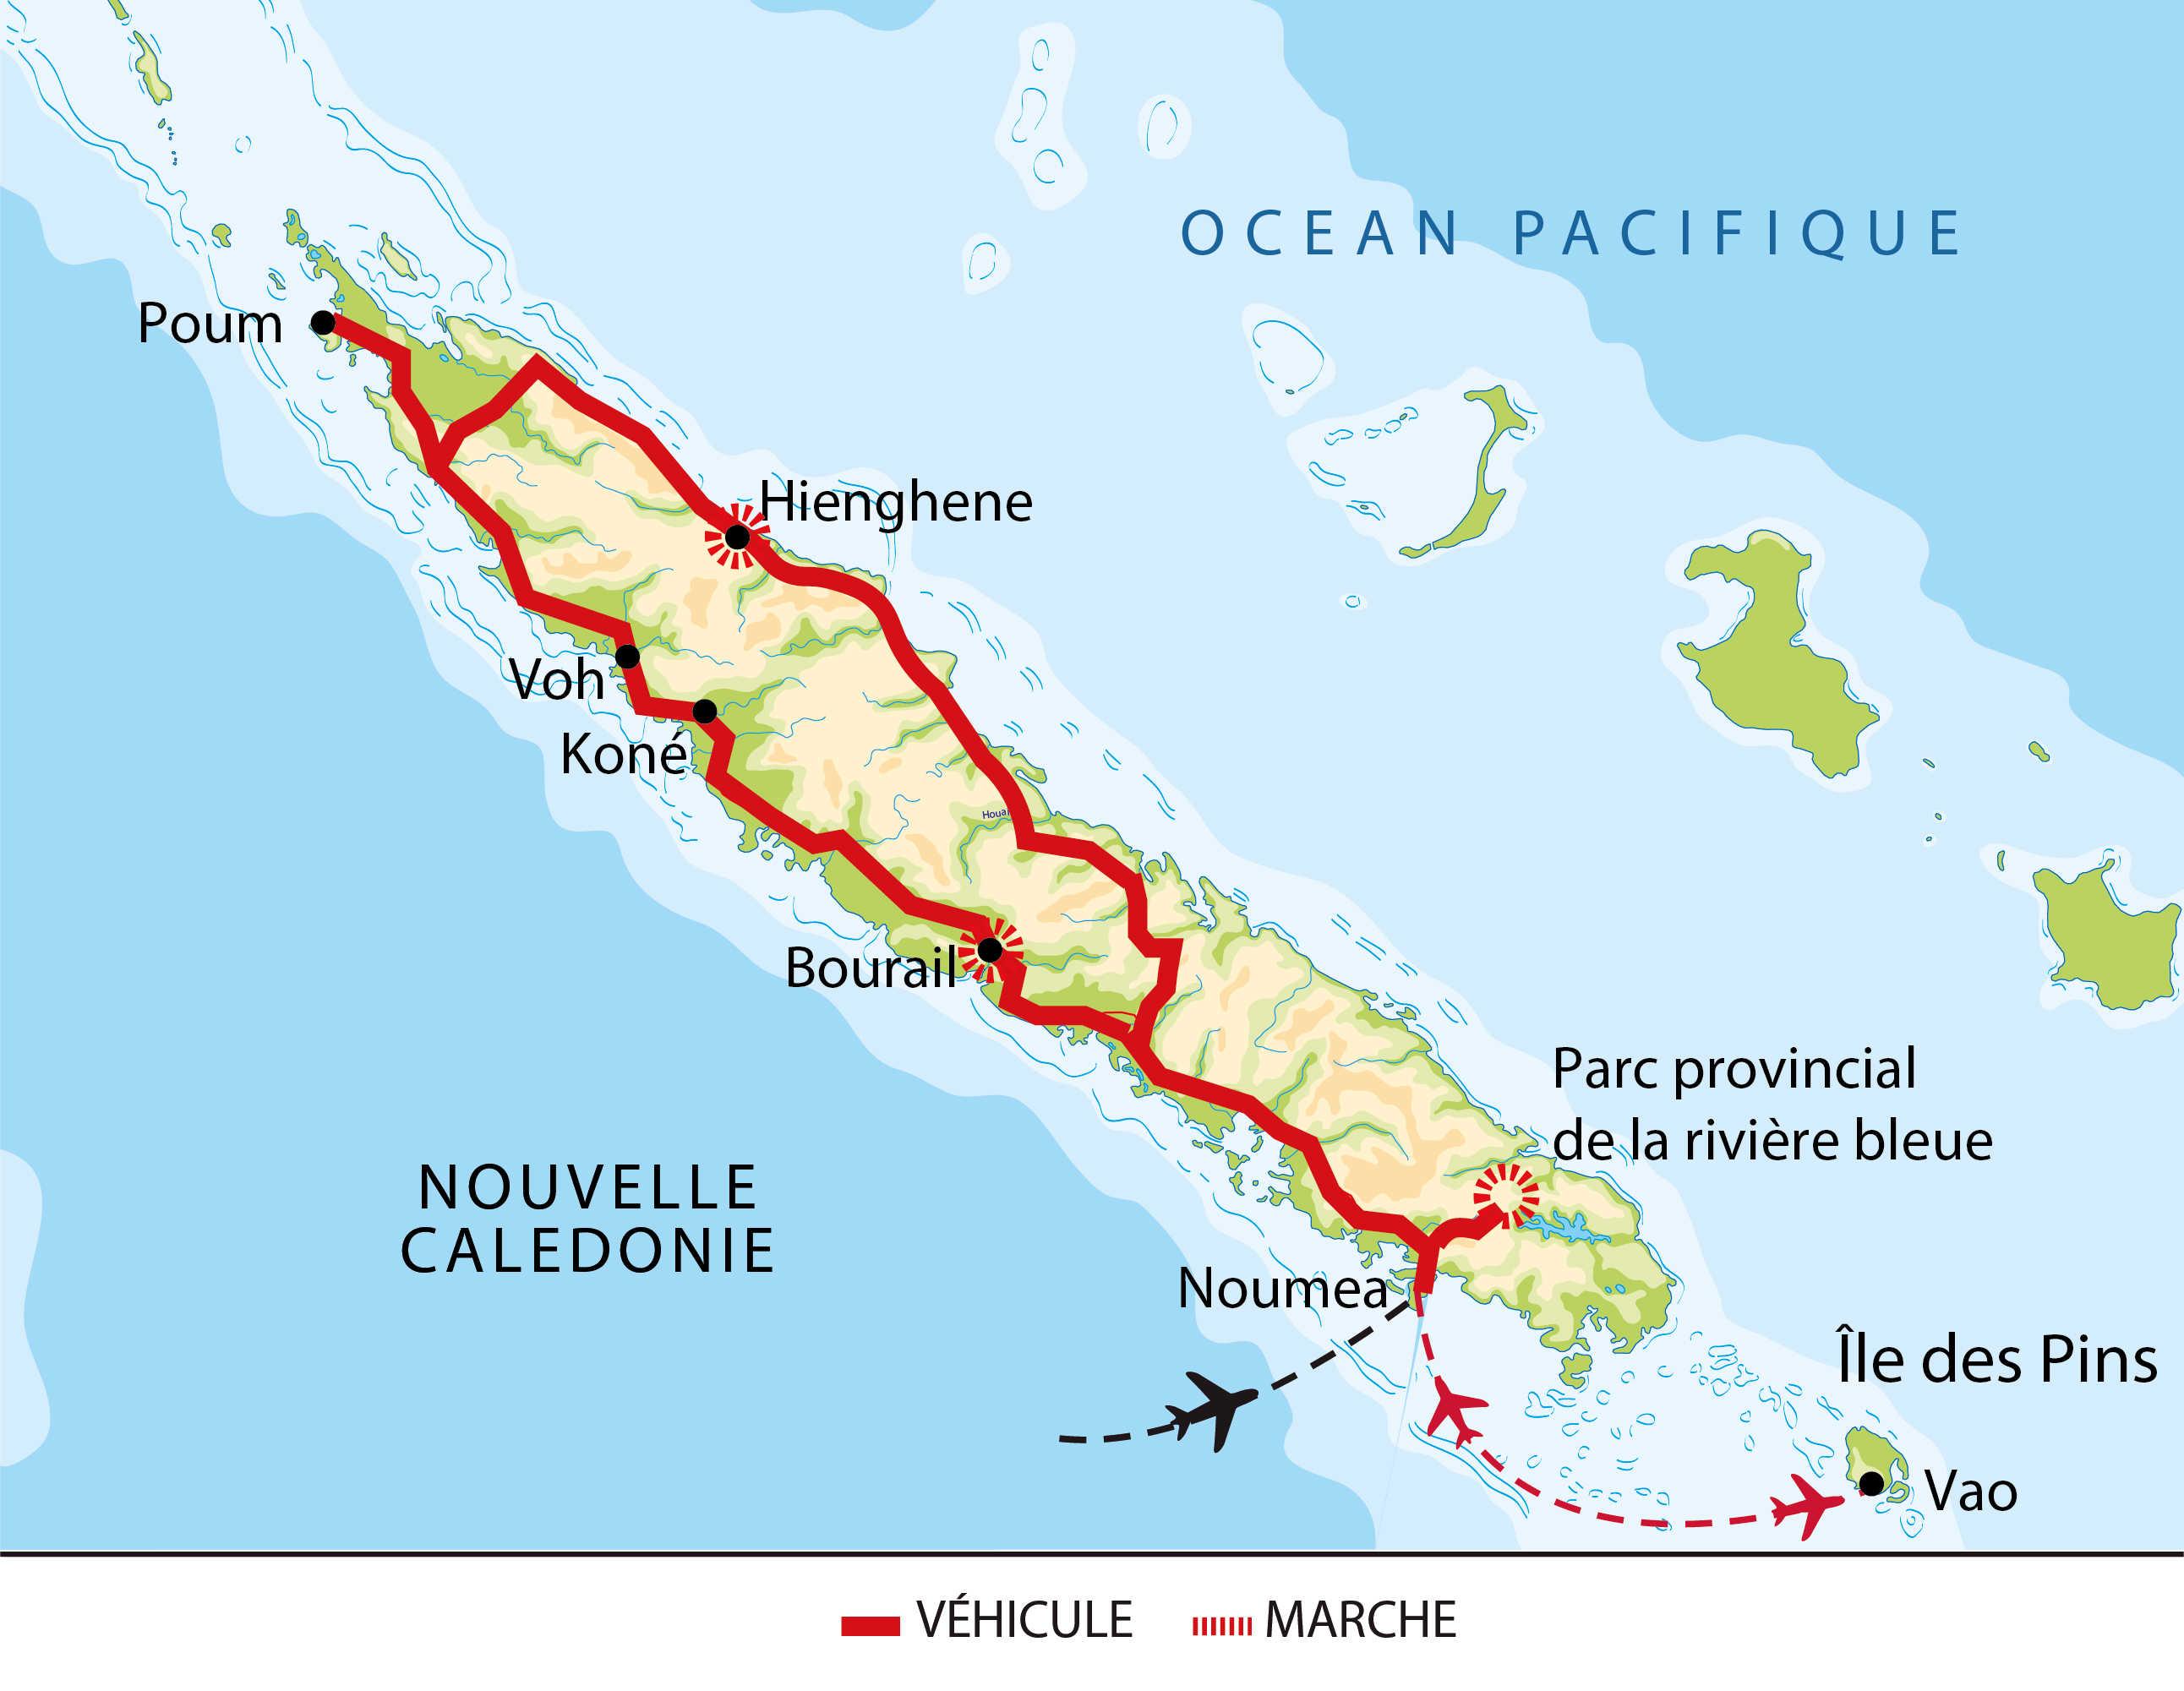 Itinéraire de la Nouvelle Calédonie du nord au sud